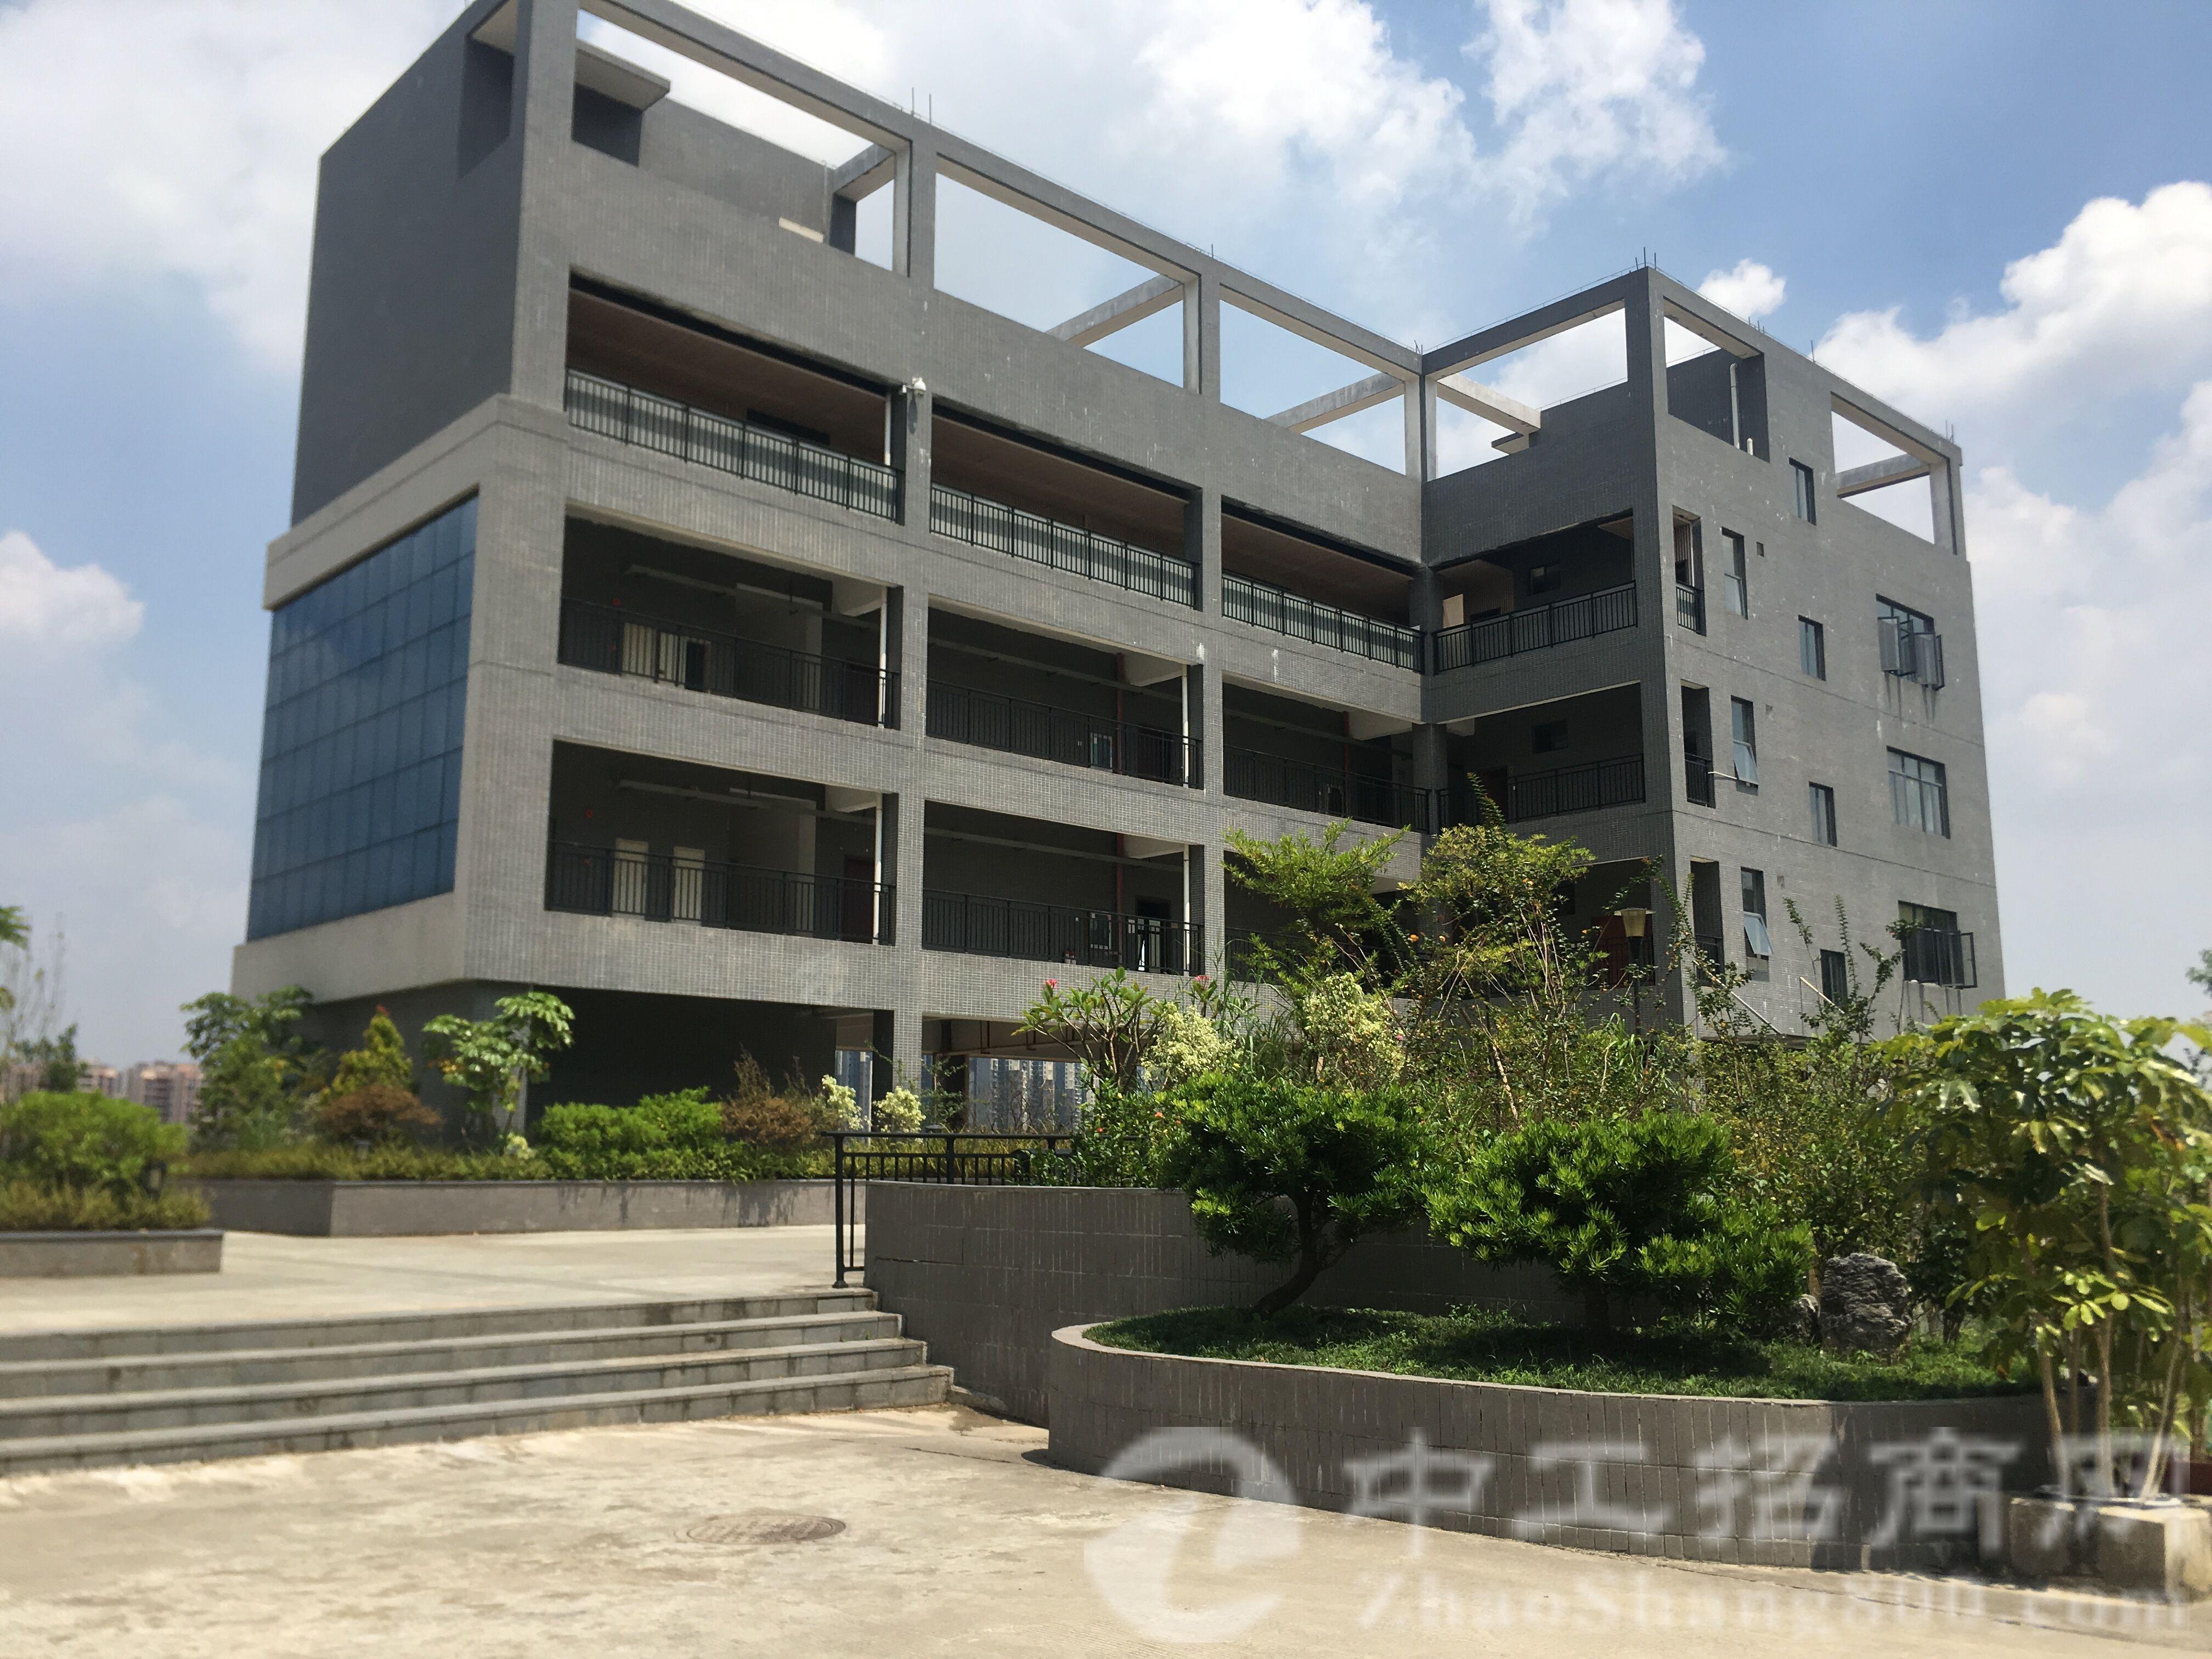 深圳坪山新区建筑33000 ㎡国有土地使用权及建筑物转让